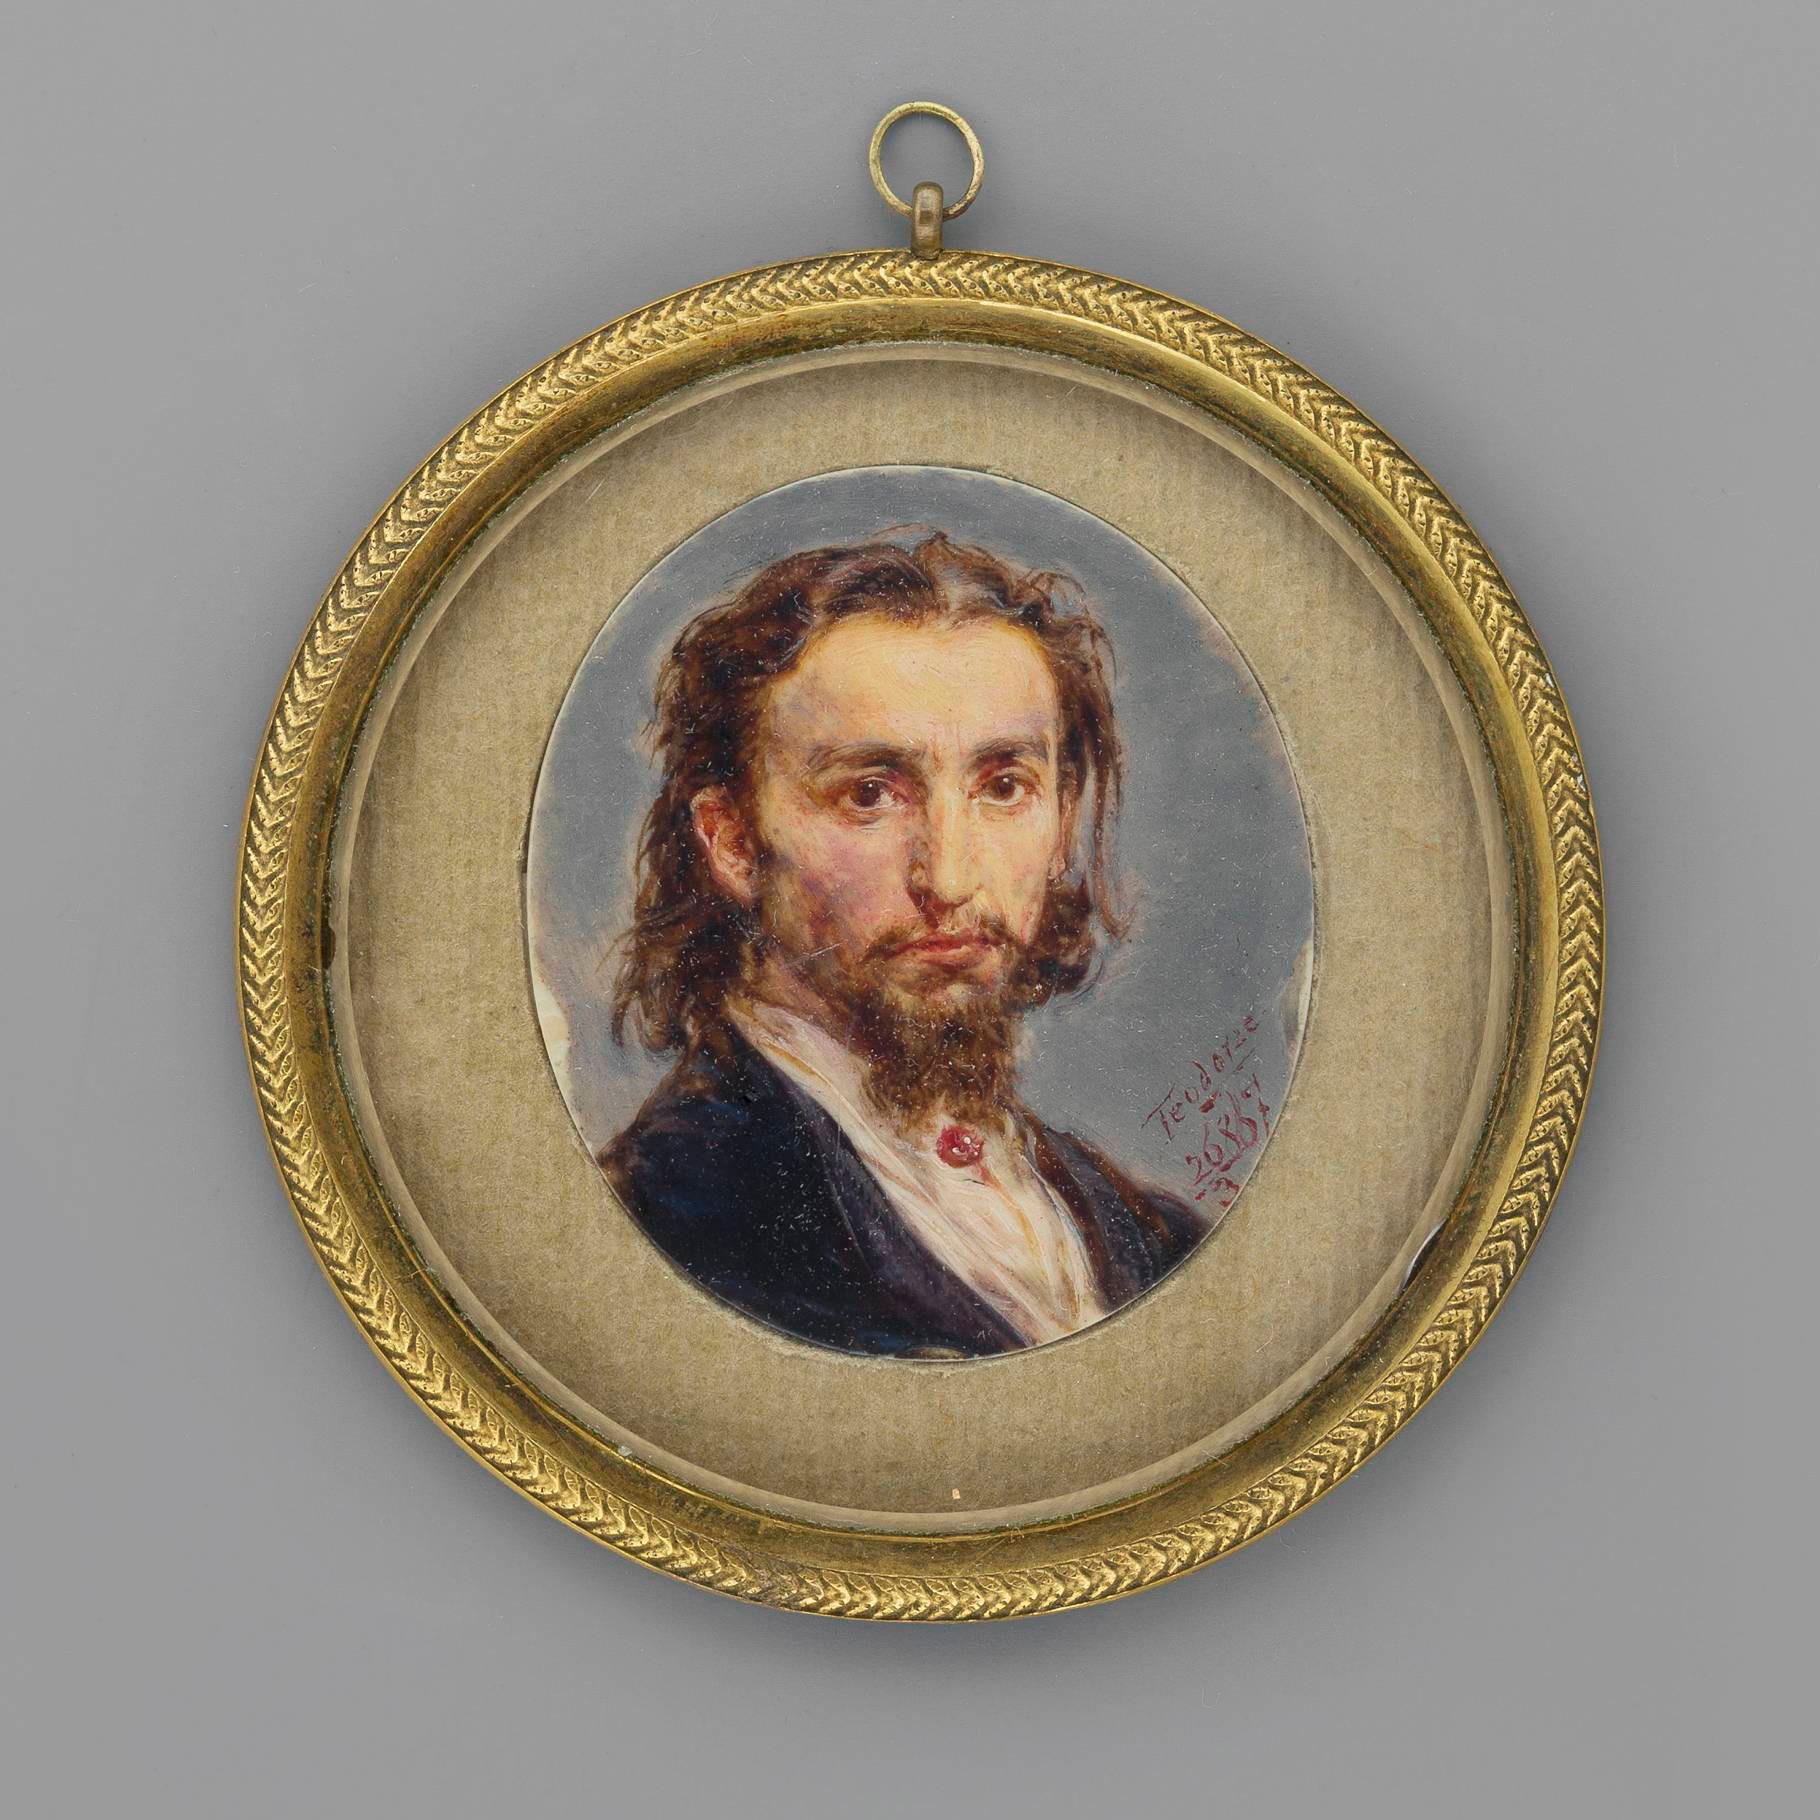 """Kość słoniowa była wykorzystywana jaka szlachetne podłoże dla malarskich miniatur; tutaj """"Autoportret"""" pędzla Jana Matejki z 1867 roku, źródło: Muzeum Narodowe w Warszawie"""